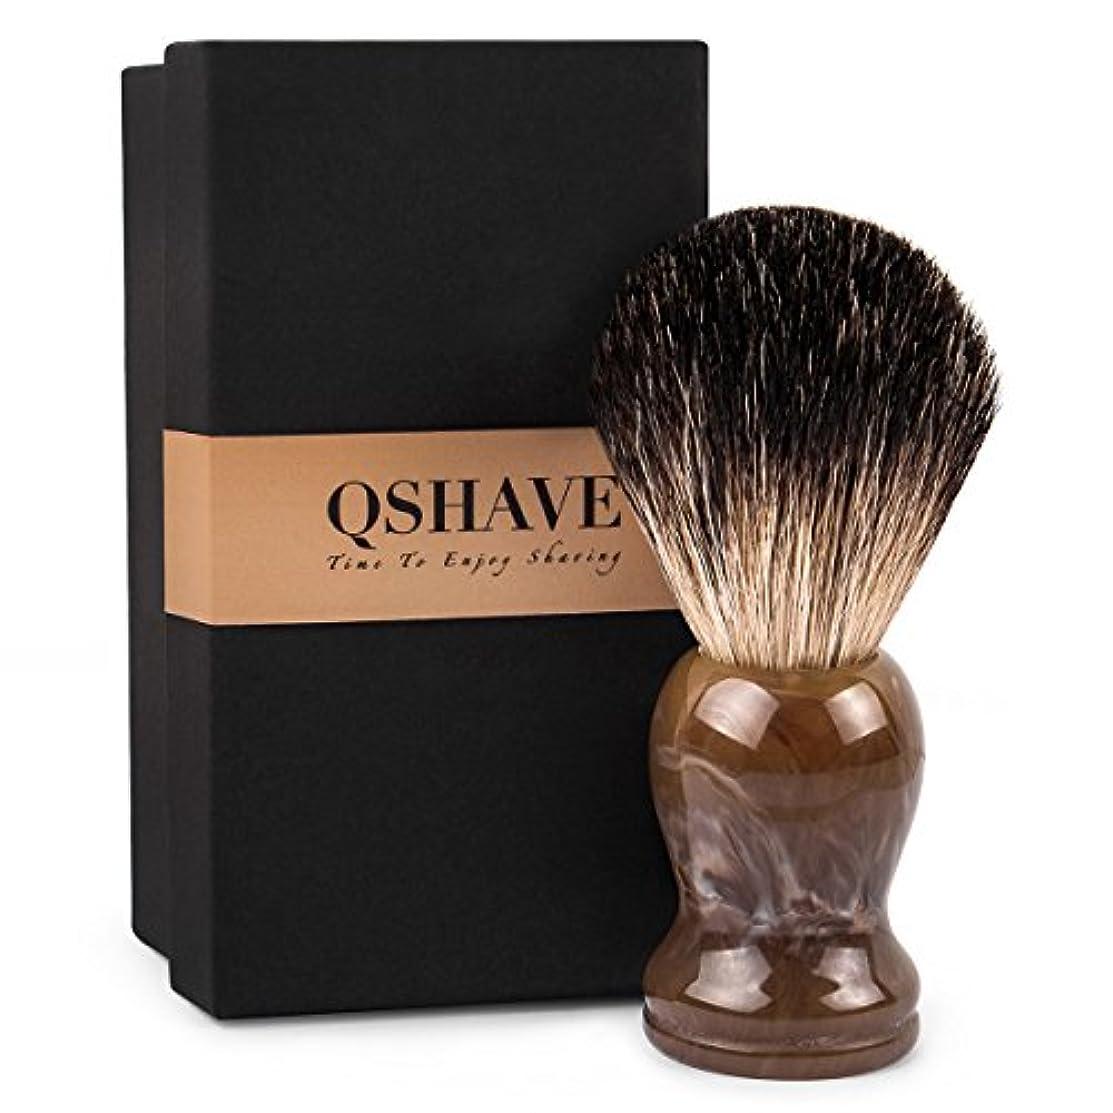 軍隊感情の用語集QSHAVE 100%アナグマ毛 オリジナルハンドメイドシェービングブラシ。ウェットシェービング、安全カミソリ、両刃カミソリに最適